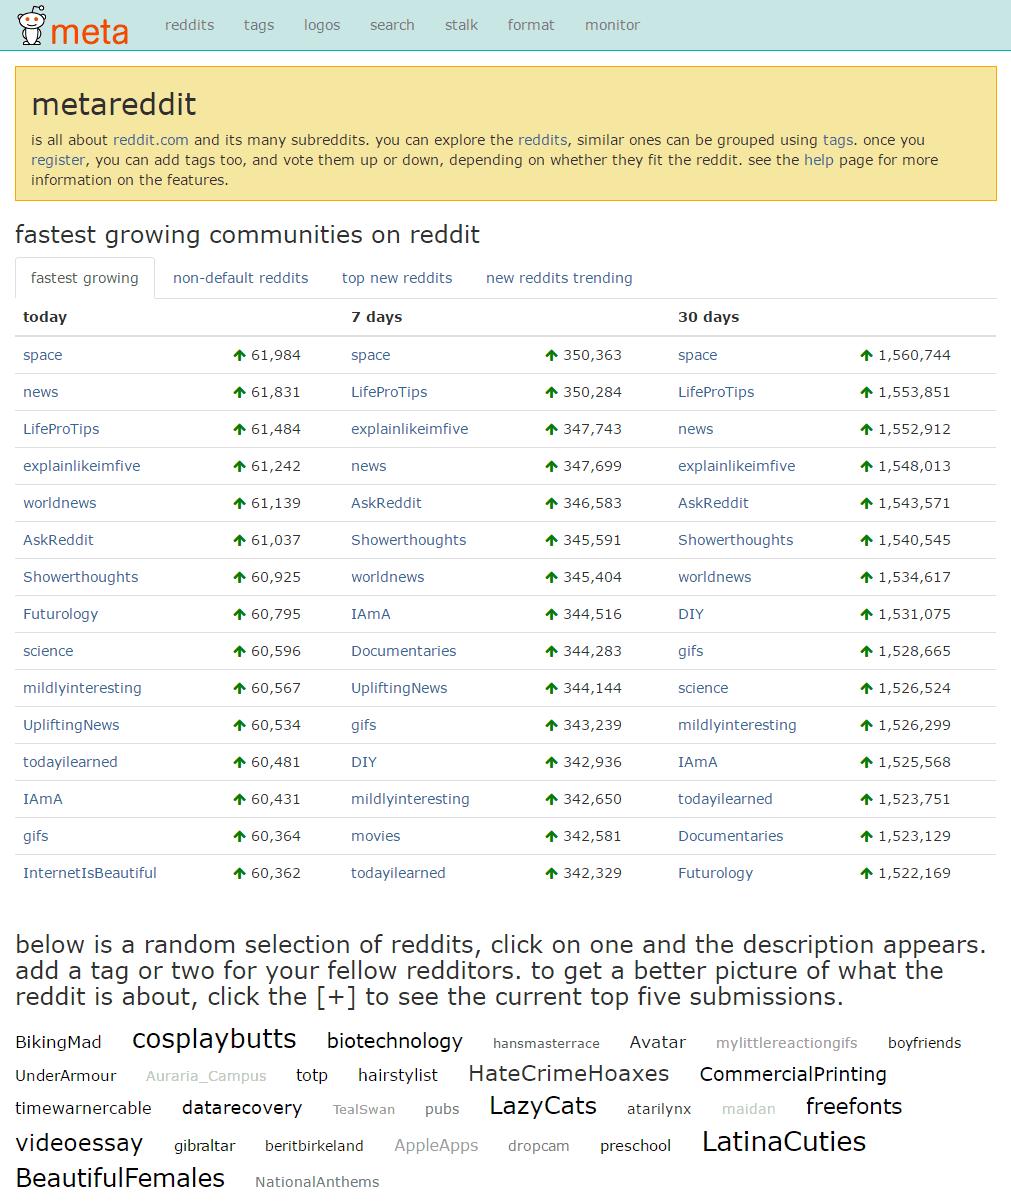 search using metareddit.com